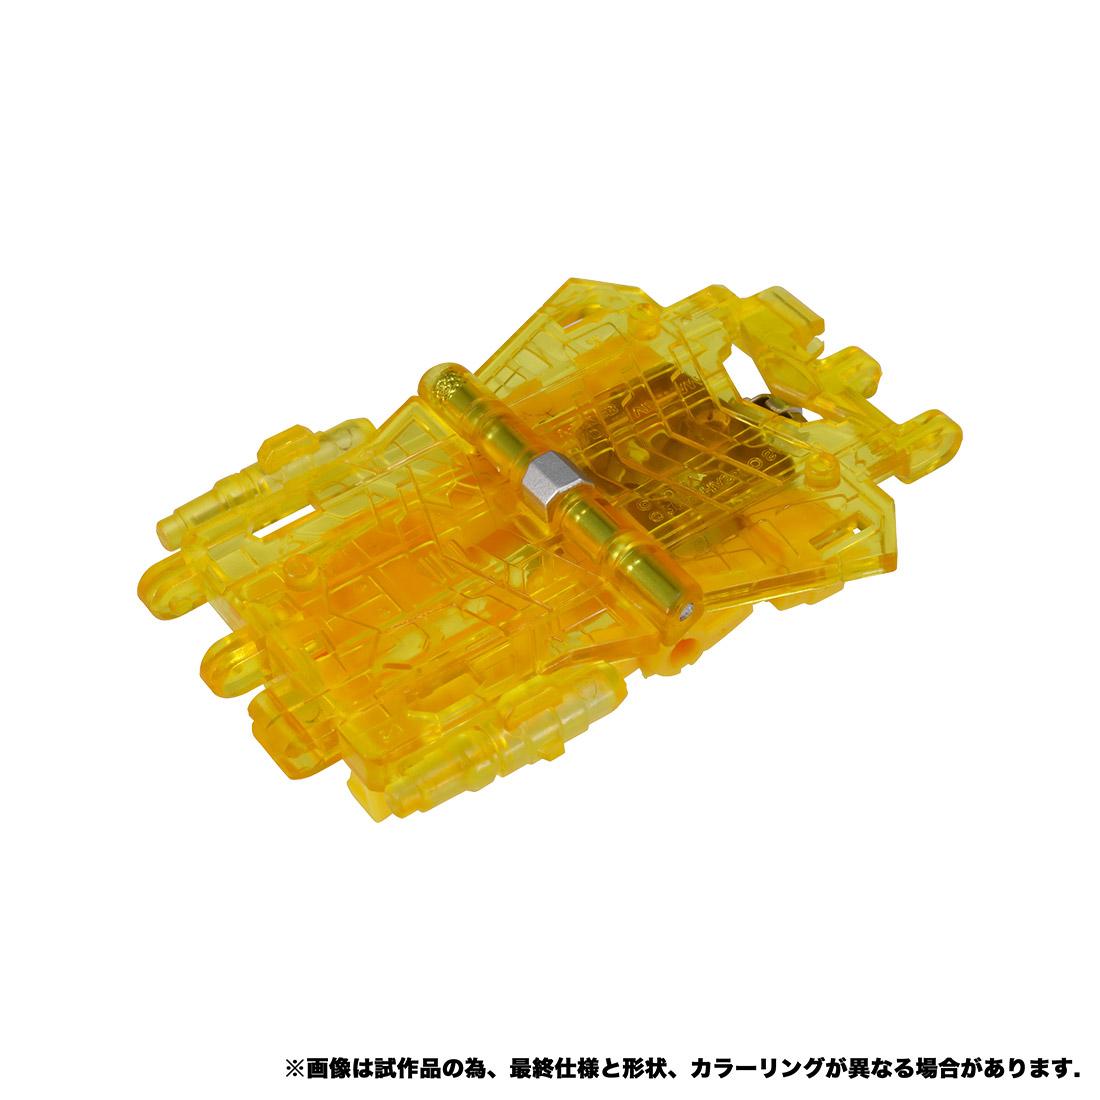 トランスフォーマー ウォーフォーサイバトロン『WFC-11 オプティマスプライム』可変可動フィギュア-005